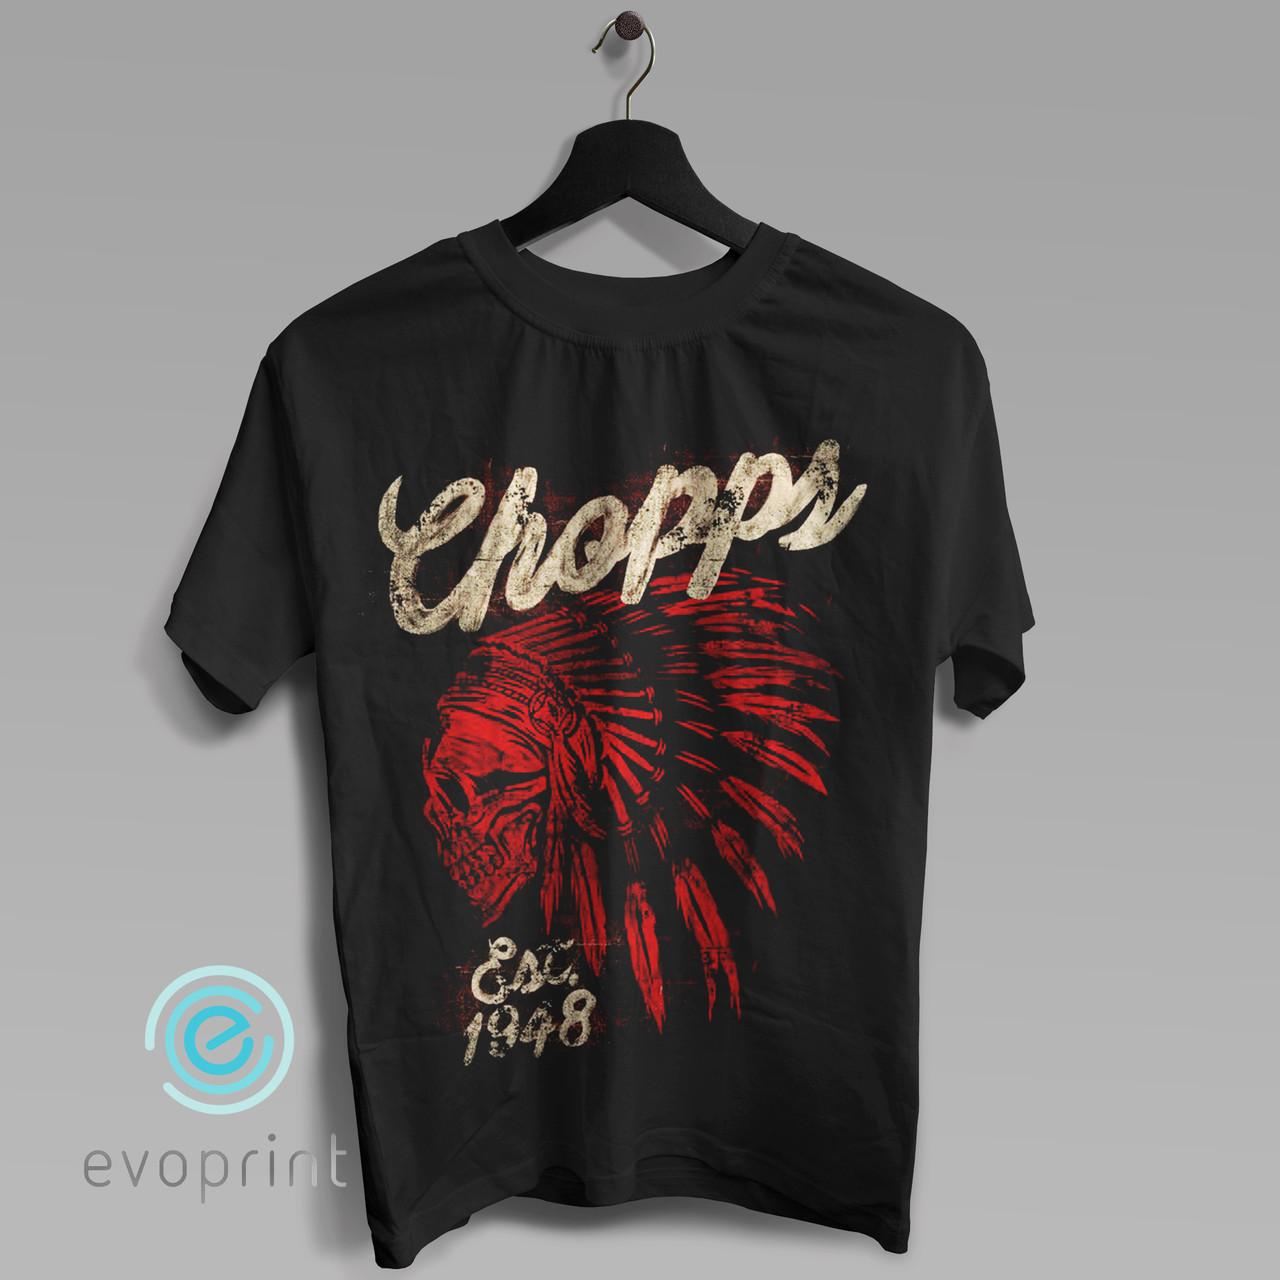 Заказать печать на черных футболках